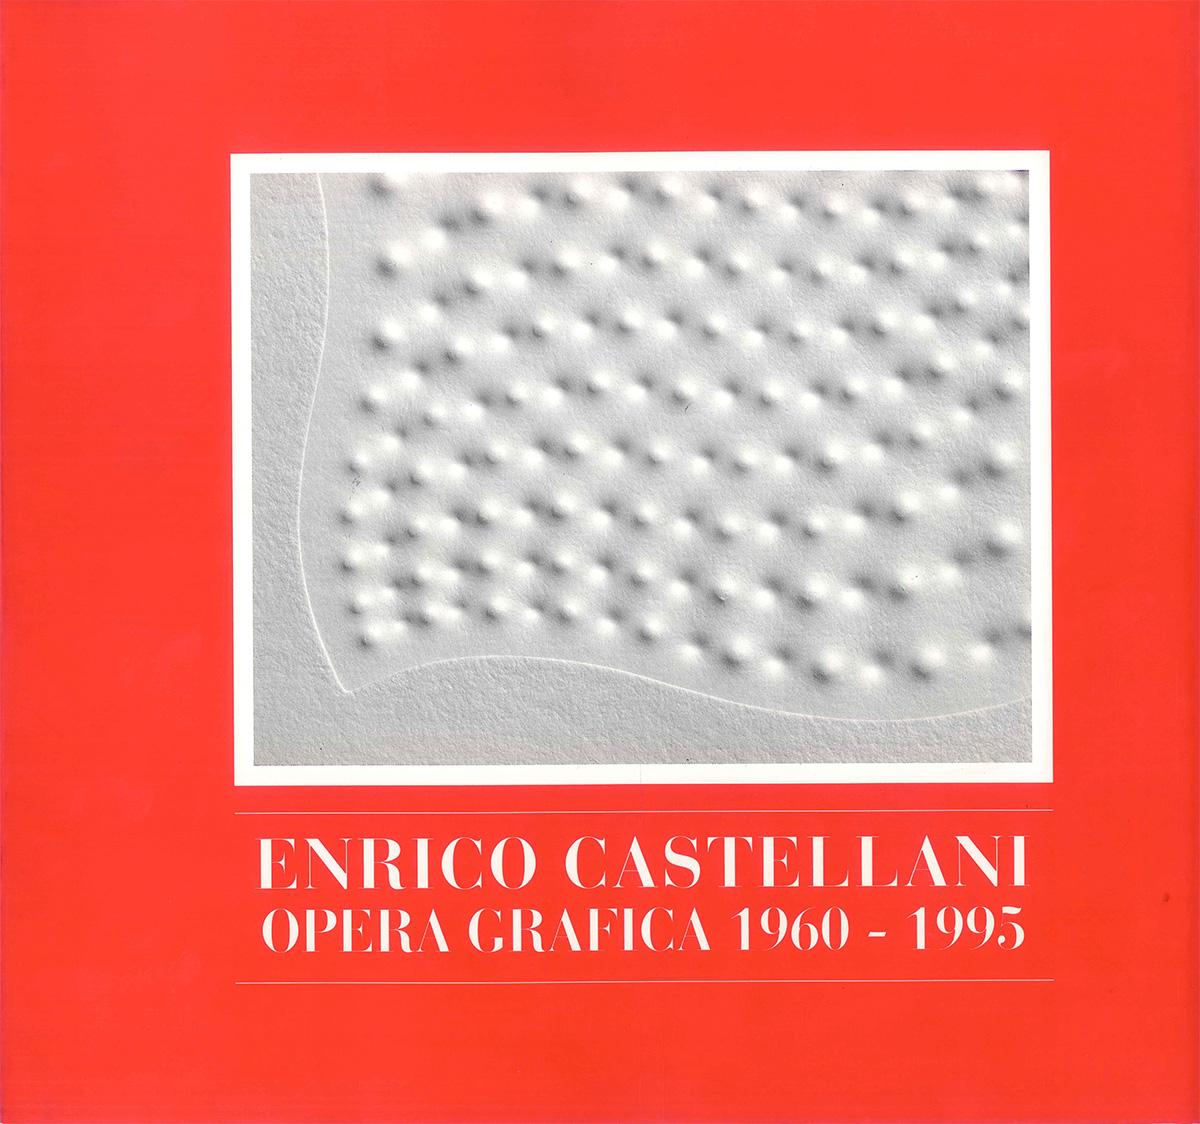 Copertina - Enrico Castellani - Opera grafica 1960 - 1995, Leonardo Magini, 1996, Corraini Editore, Mantova